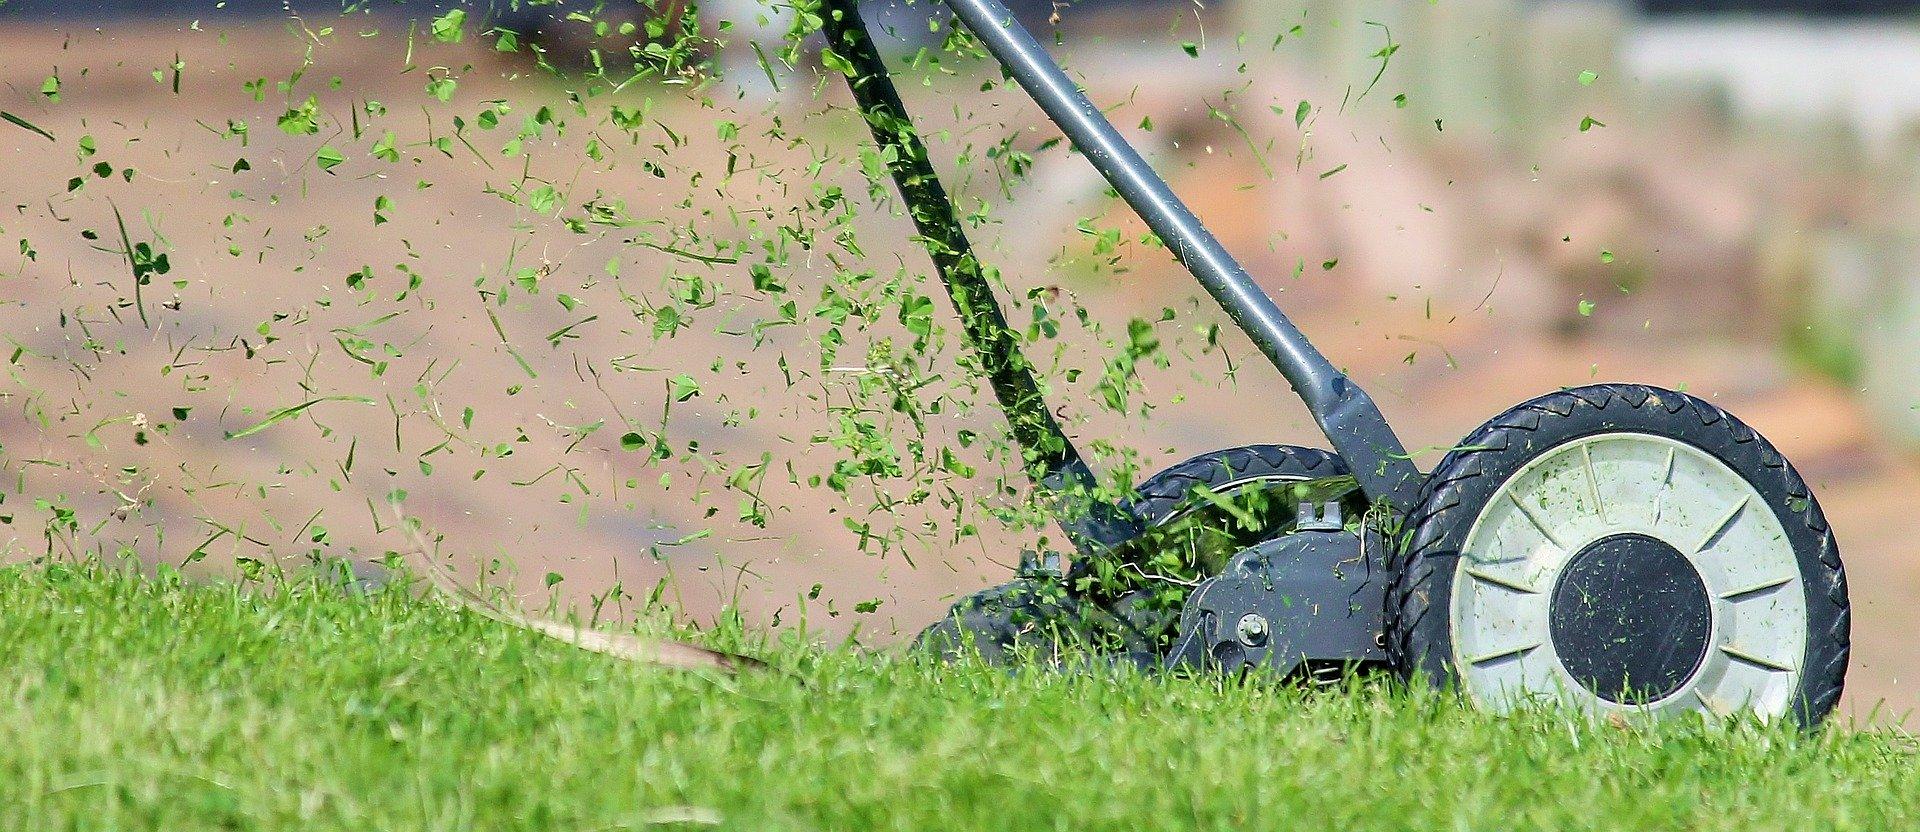 travnjak-bašta